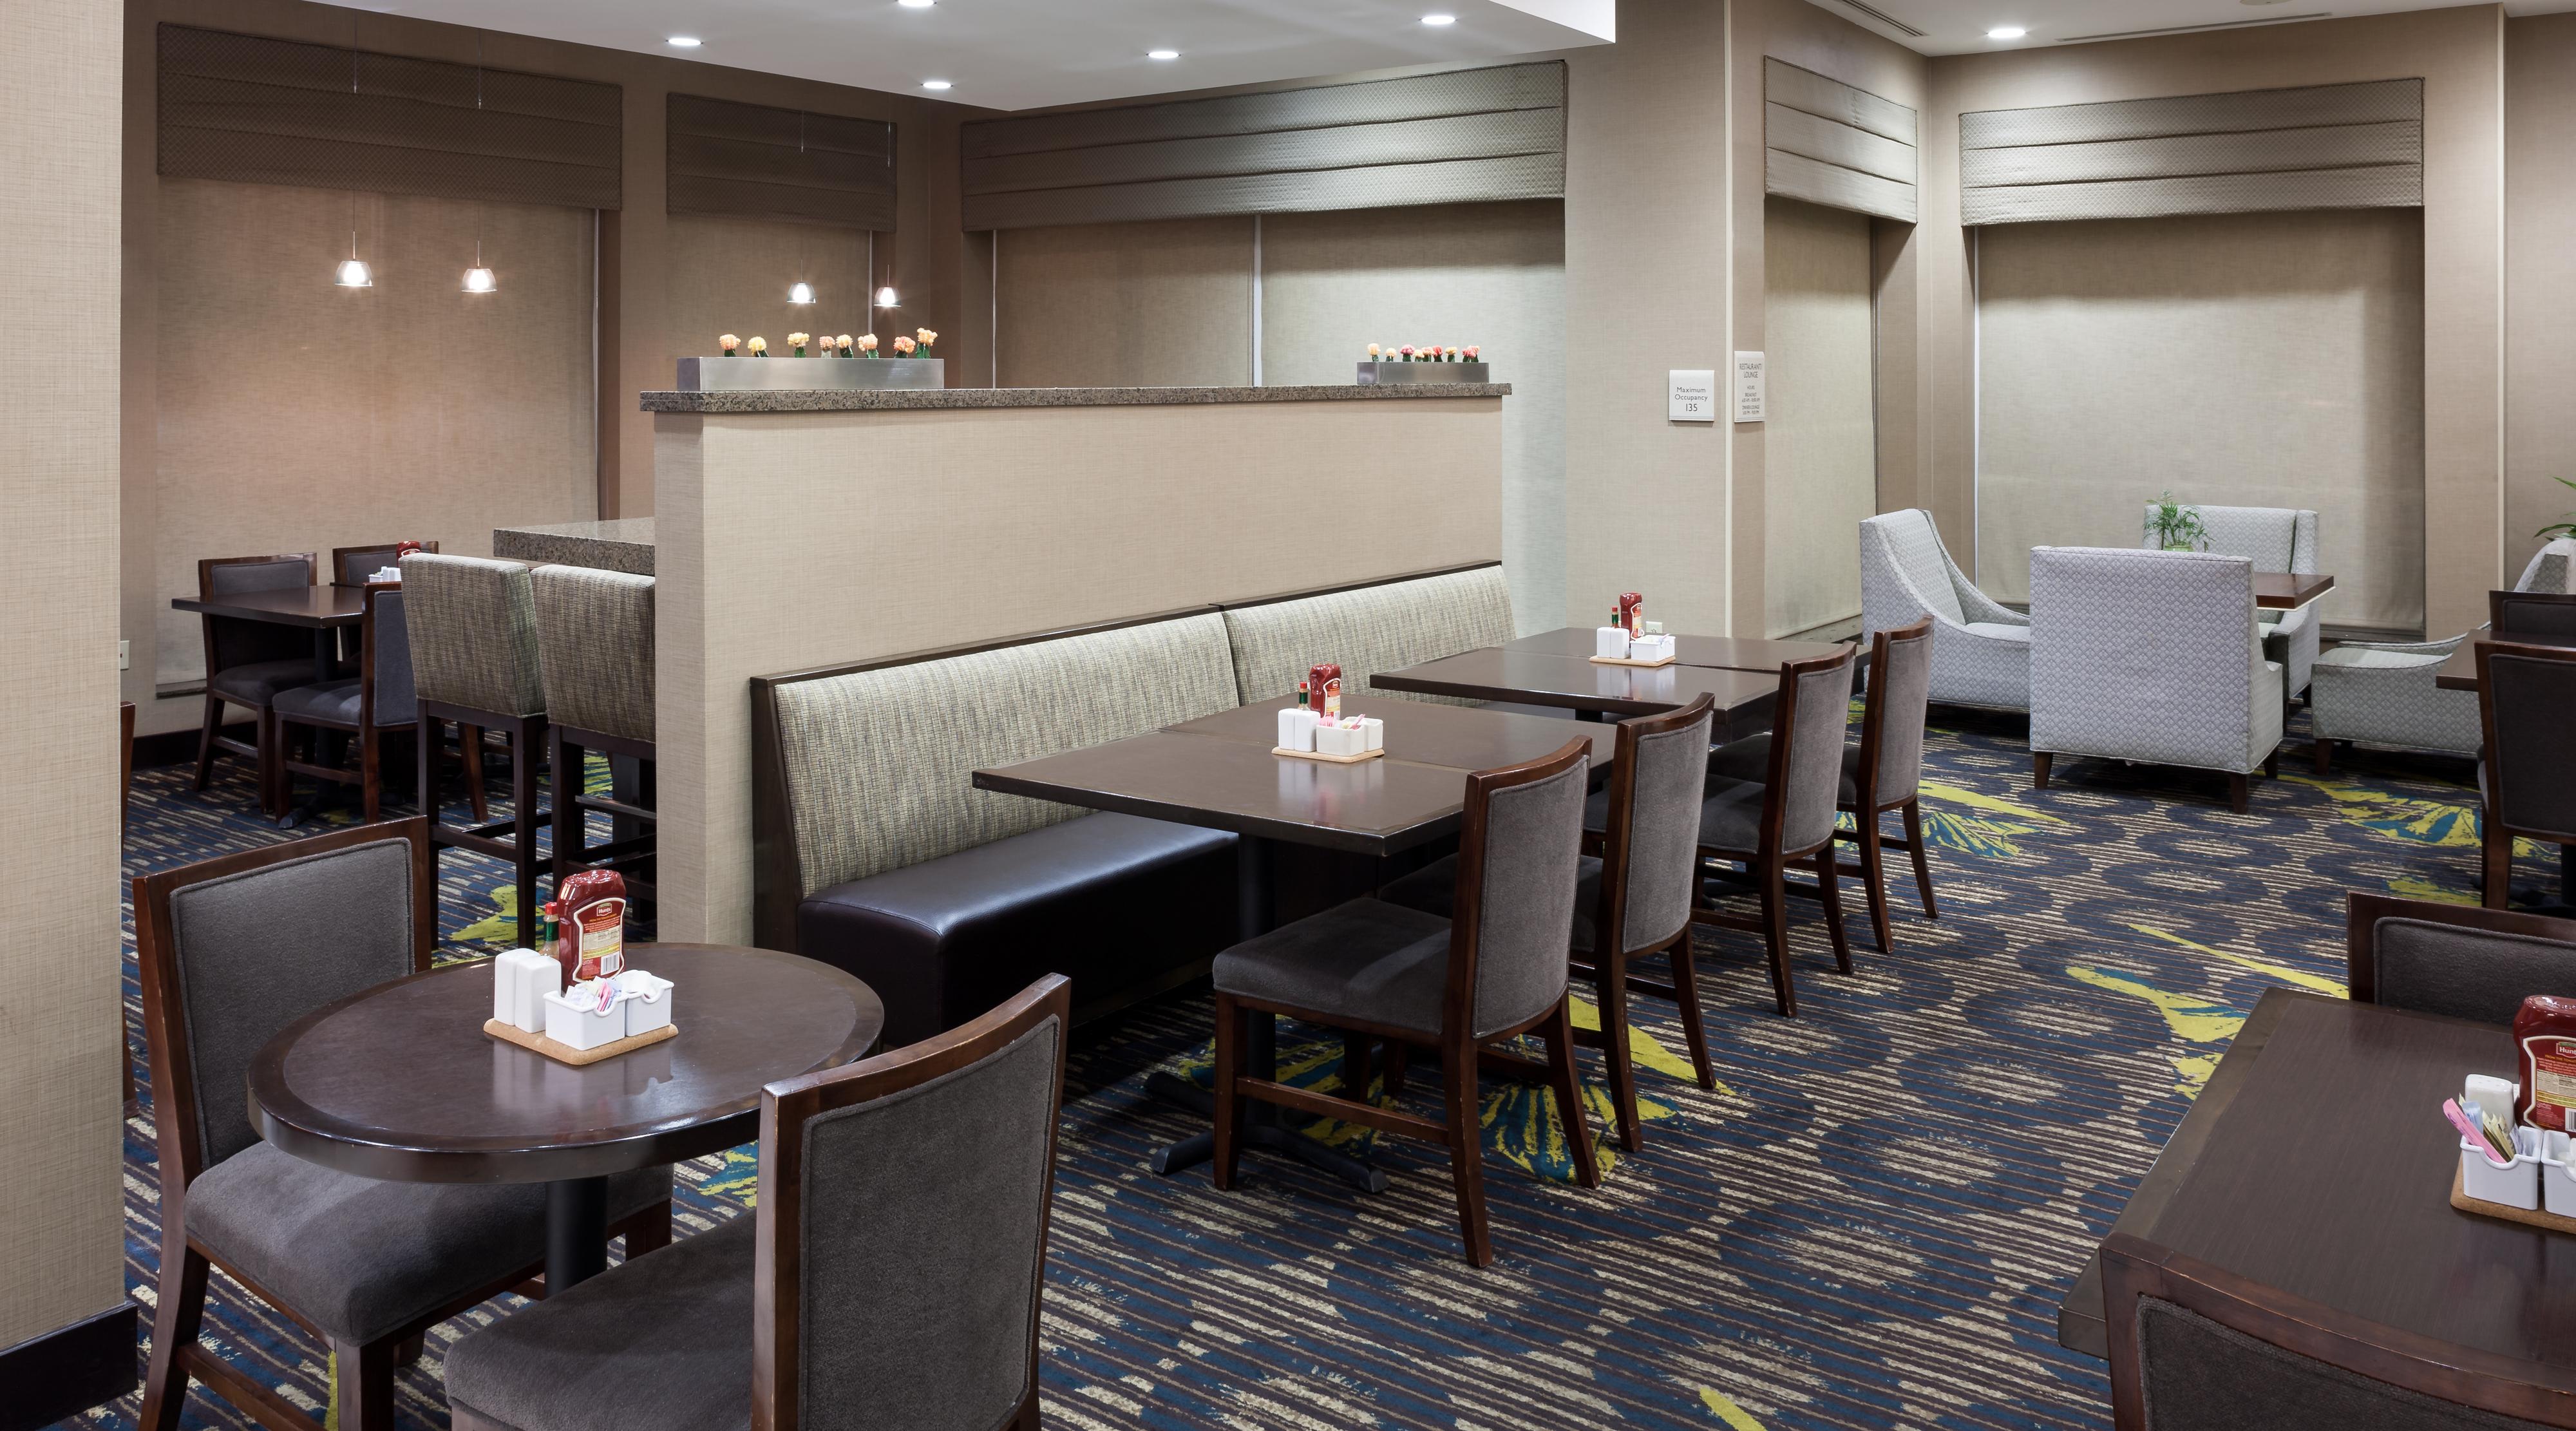 Hilton Garden Inn Silver Spring North, Silver Spring MD